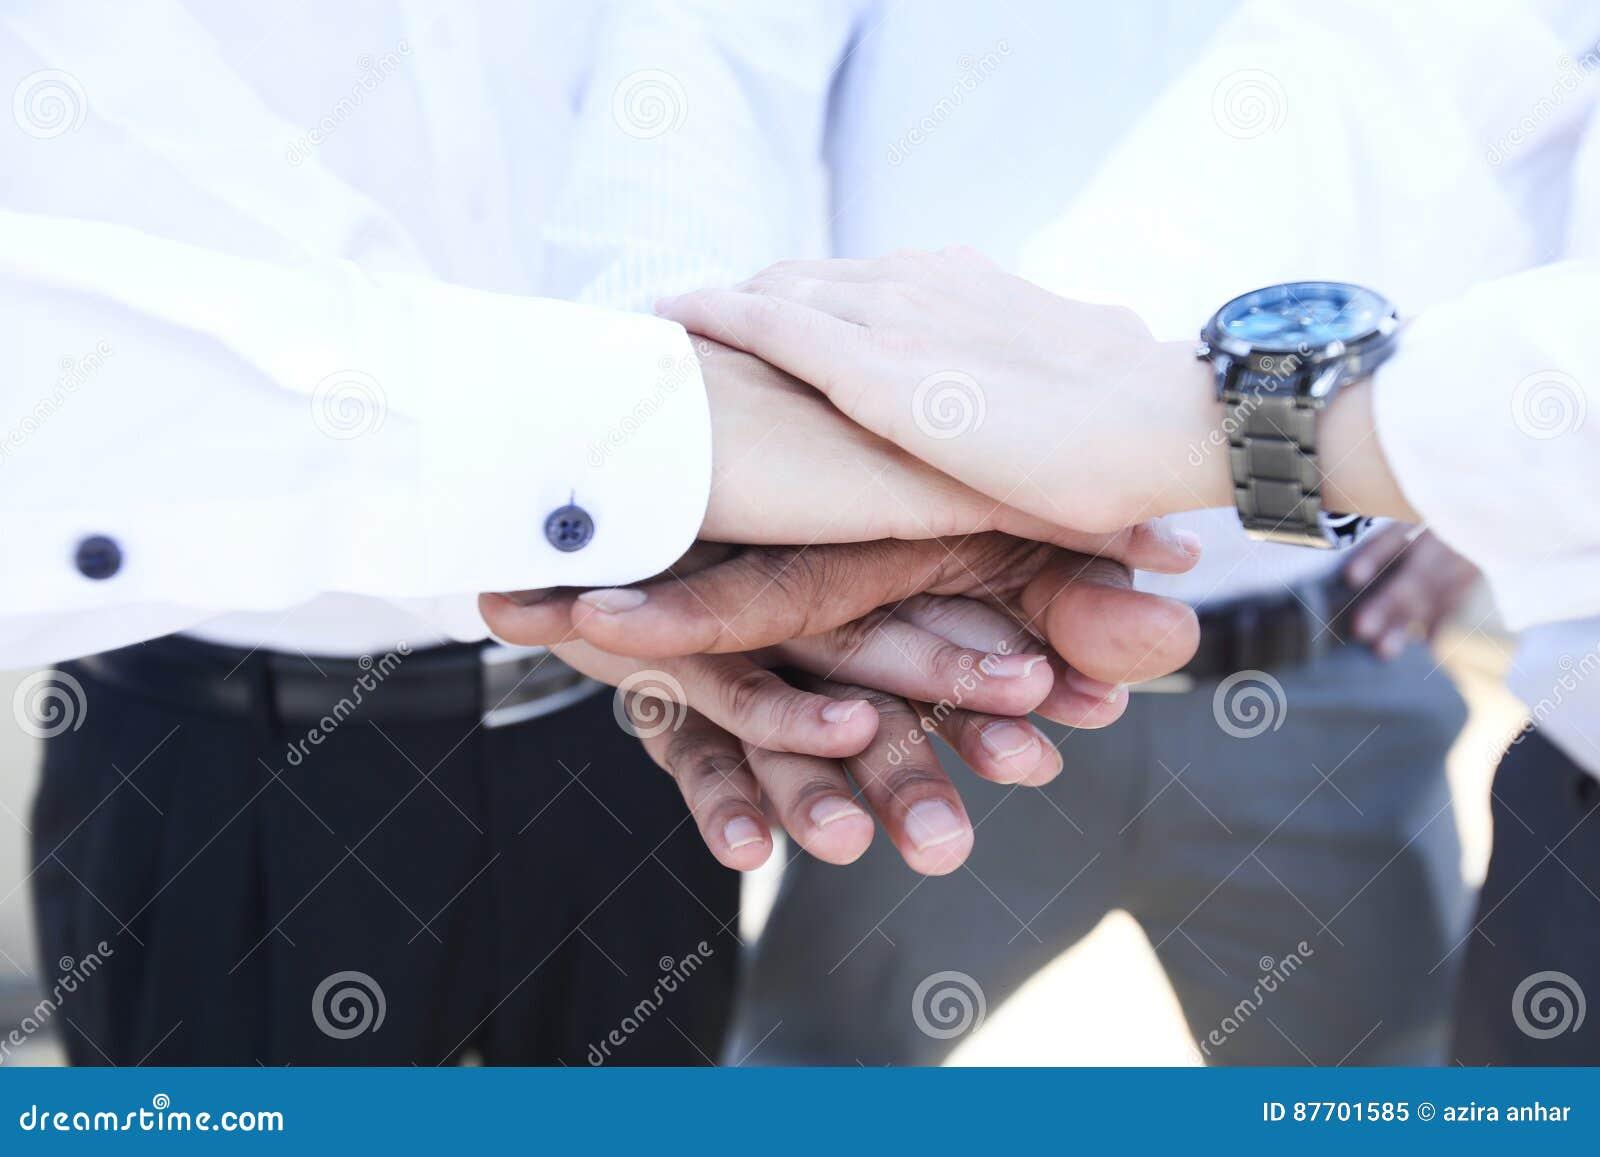 Mains en main